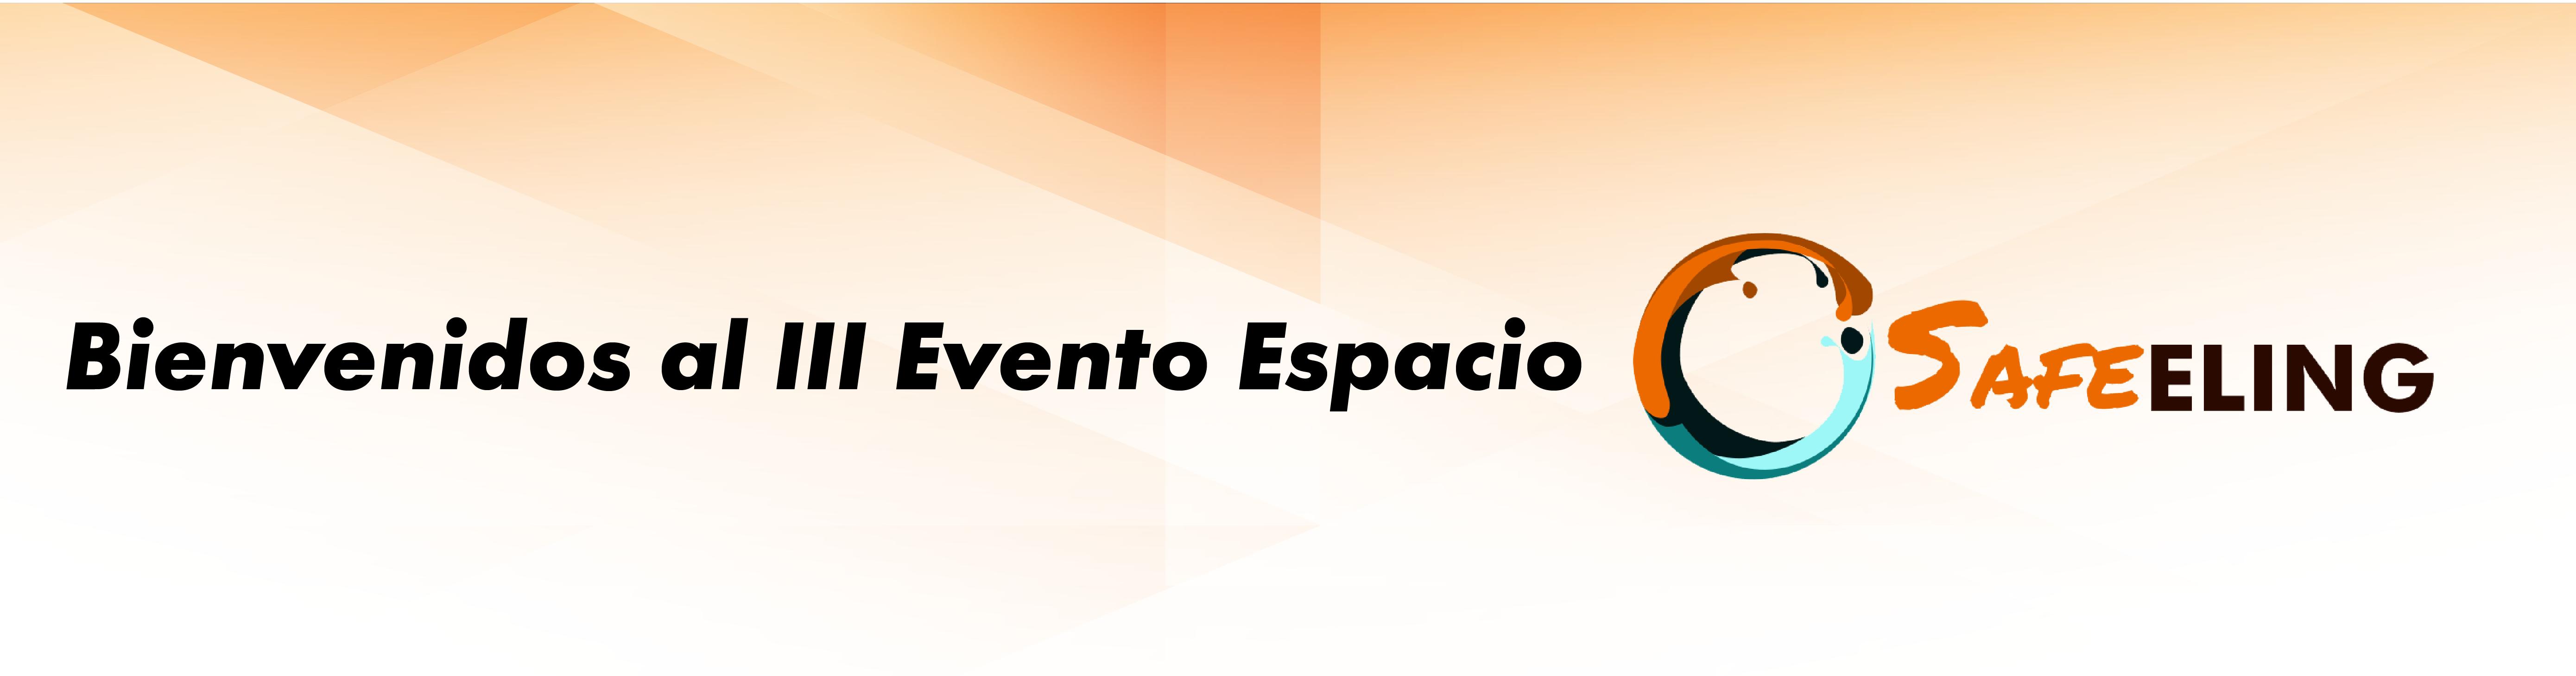 Banner-Evento-Espacio-Safeeling